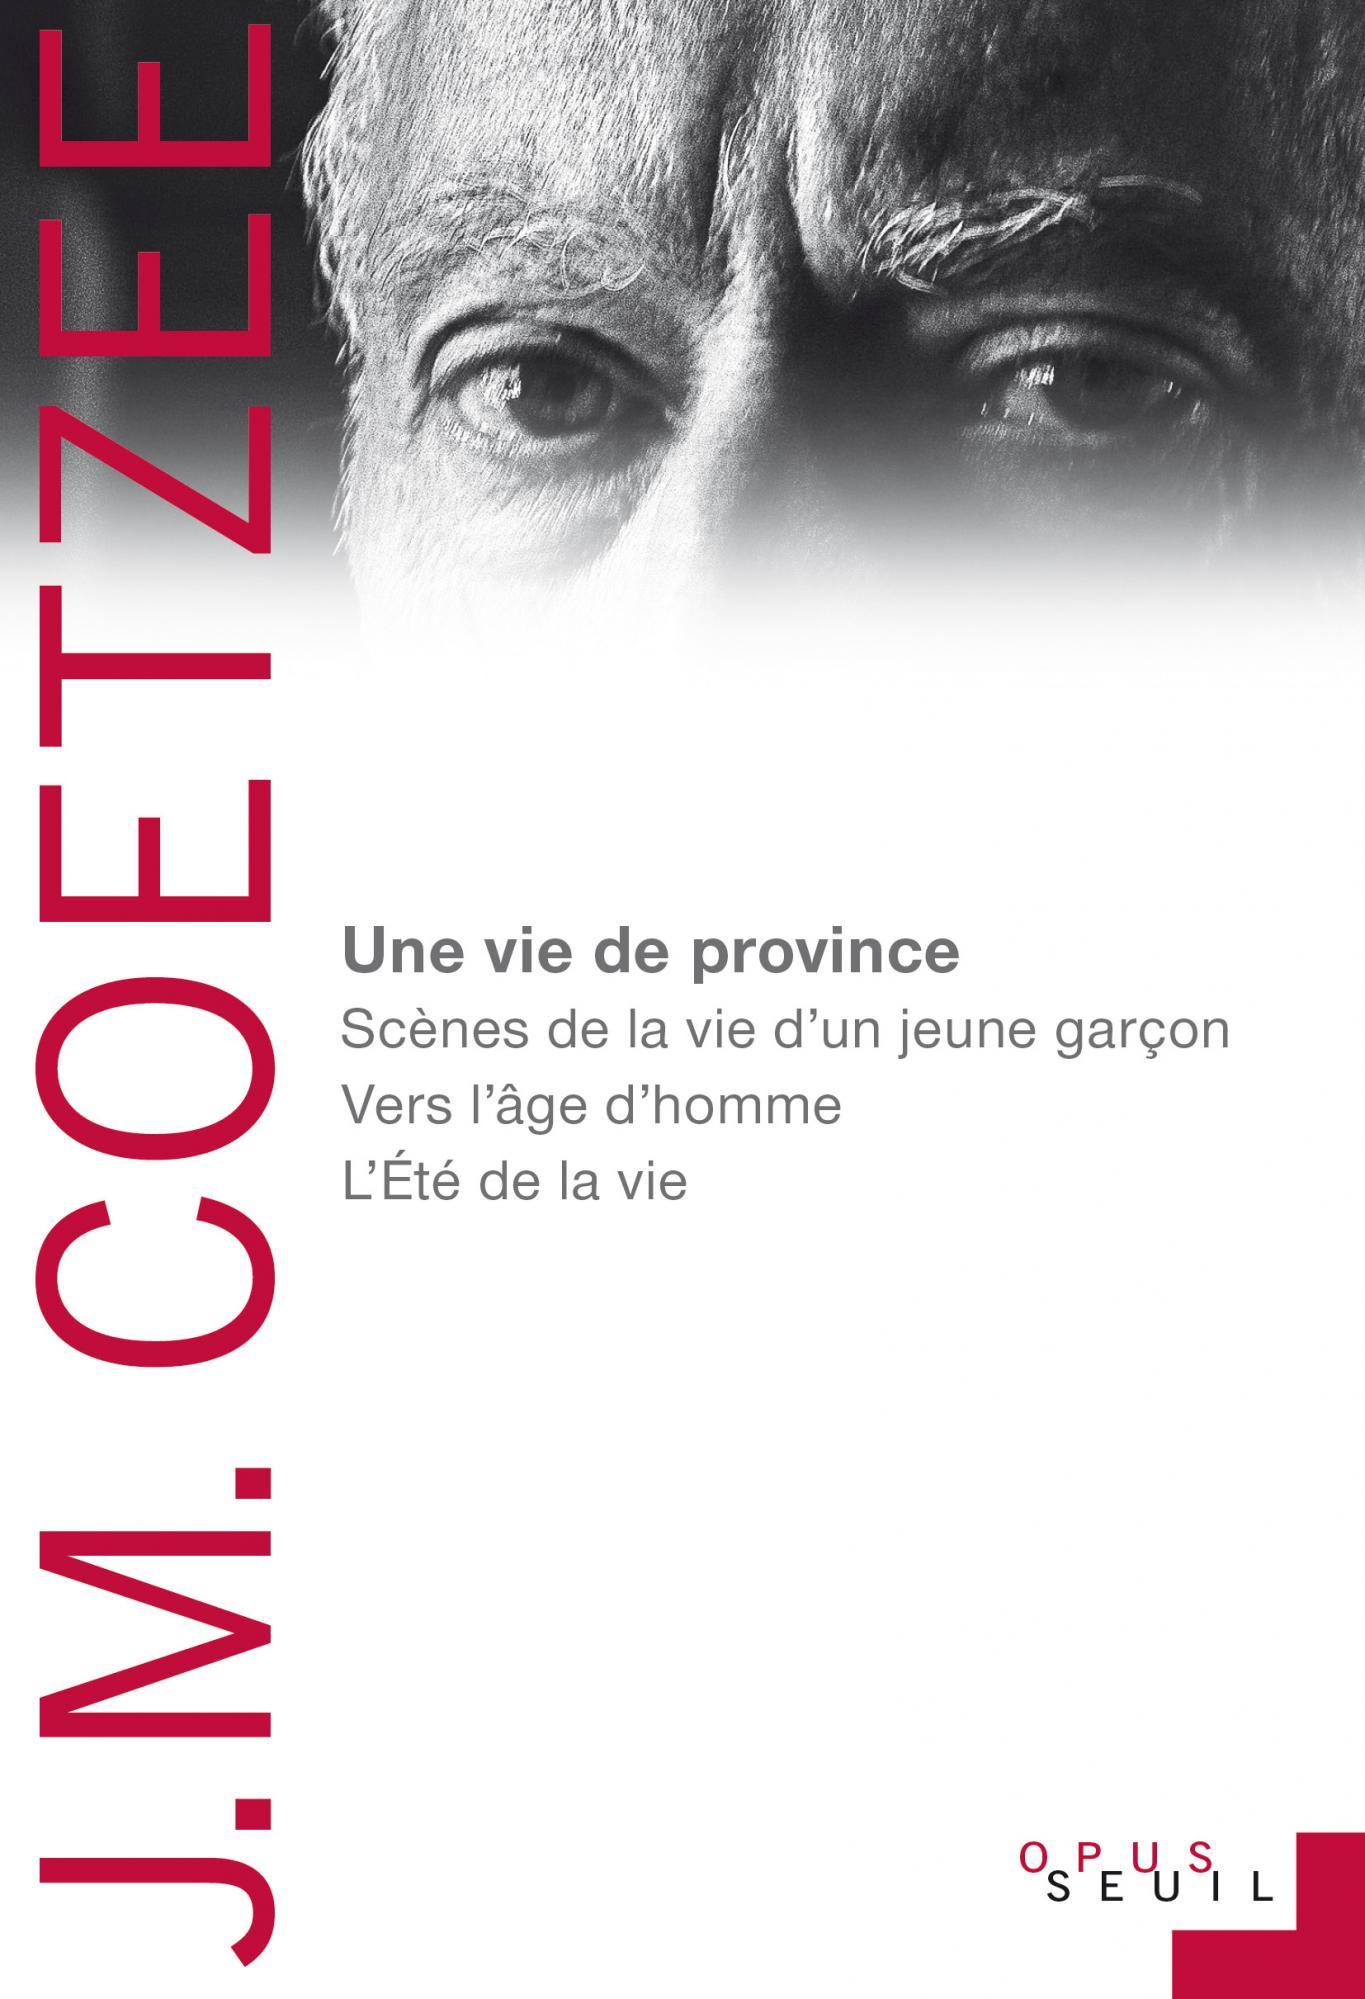 J.-M. Coetzee, Une vie de province (triptyque autobiographique)